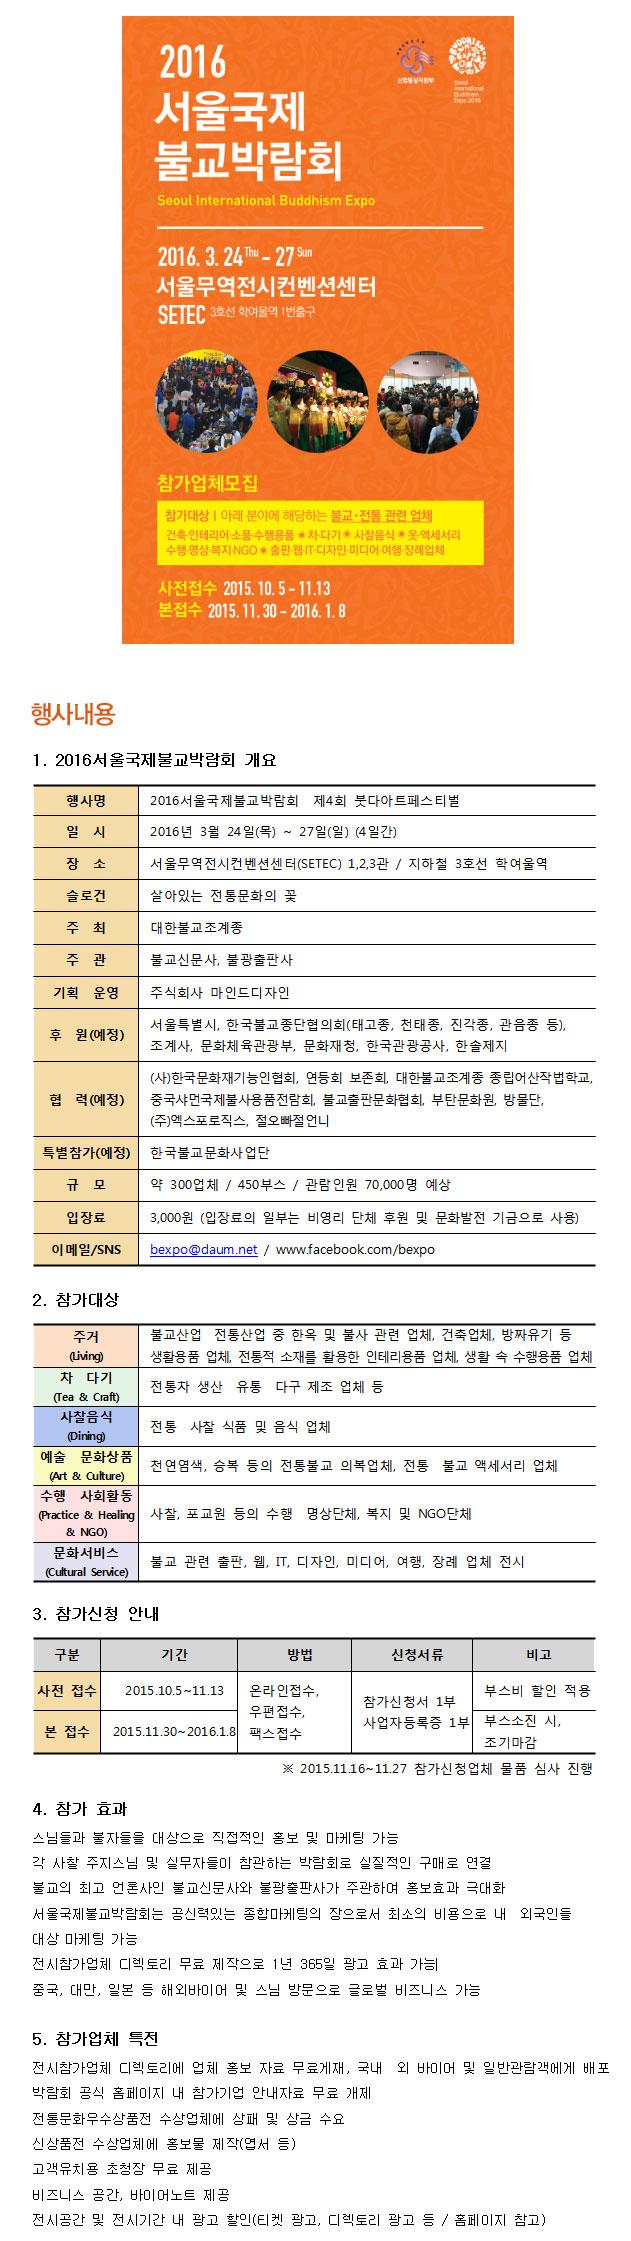 01_seoul_1.jpg